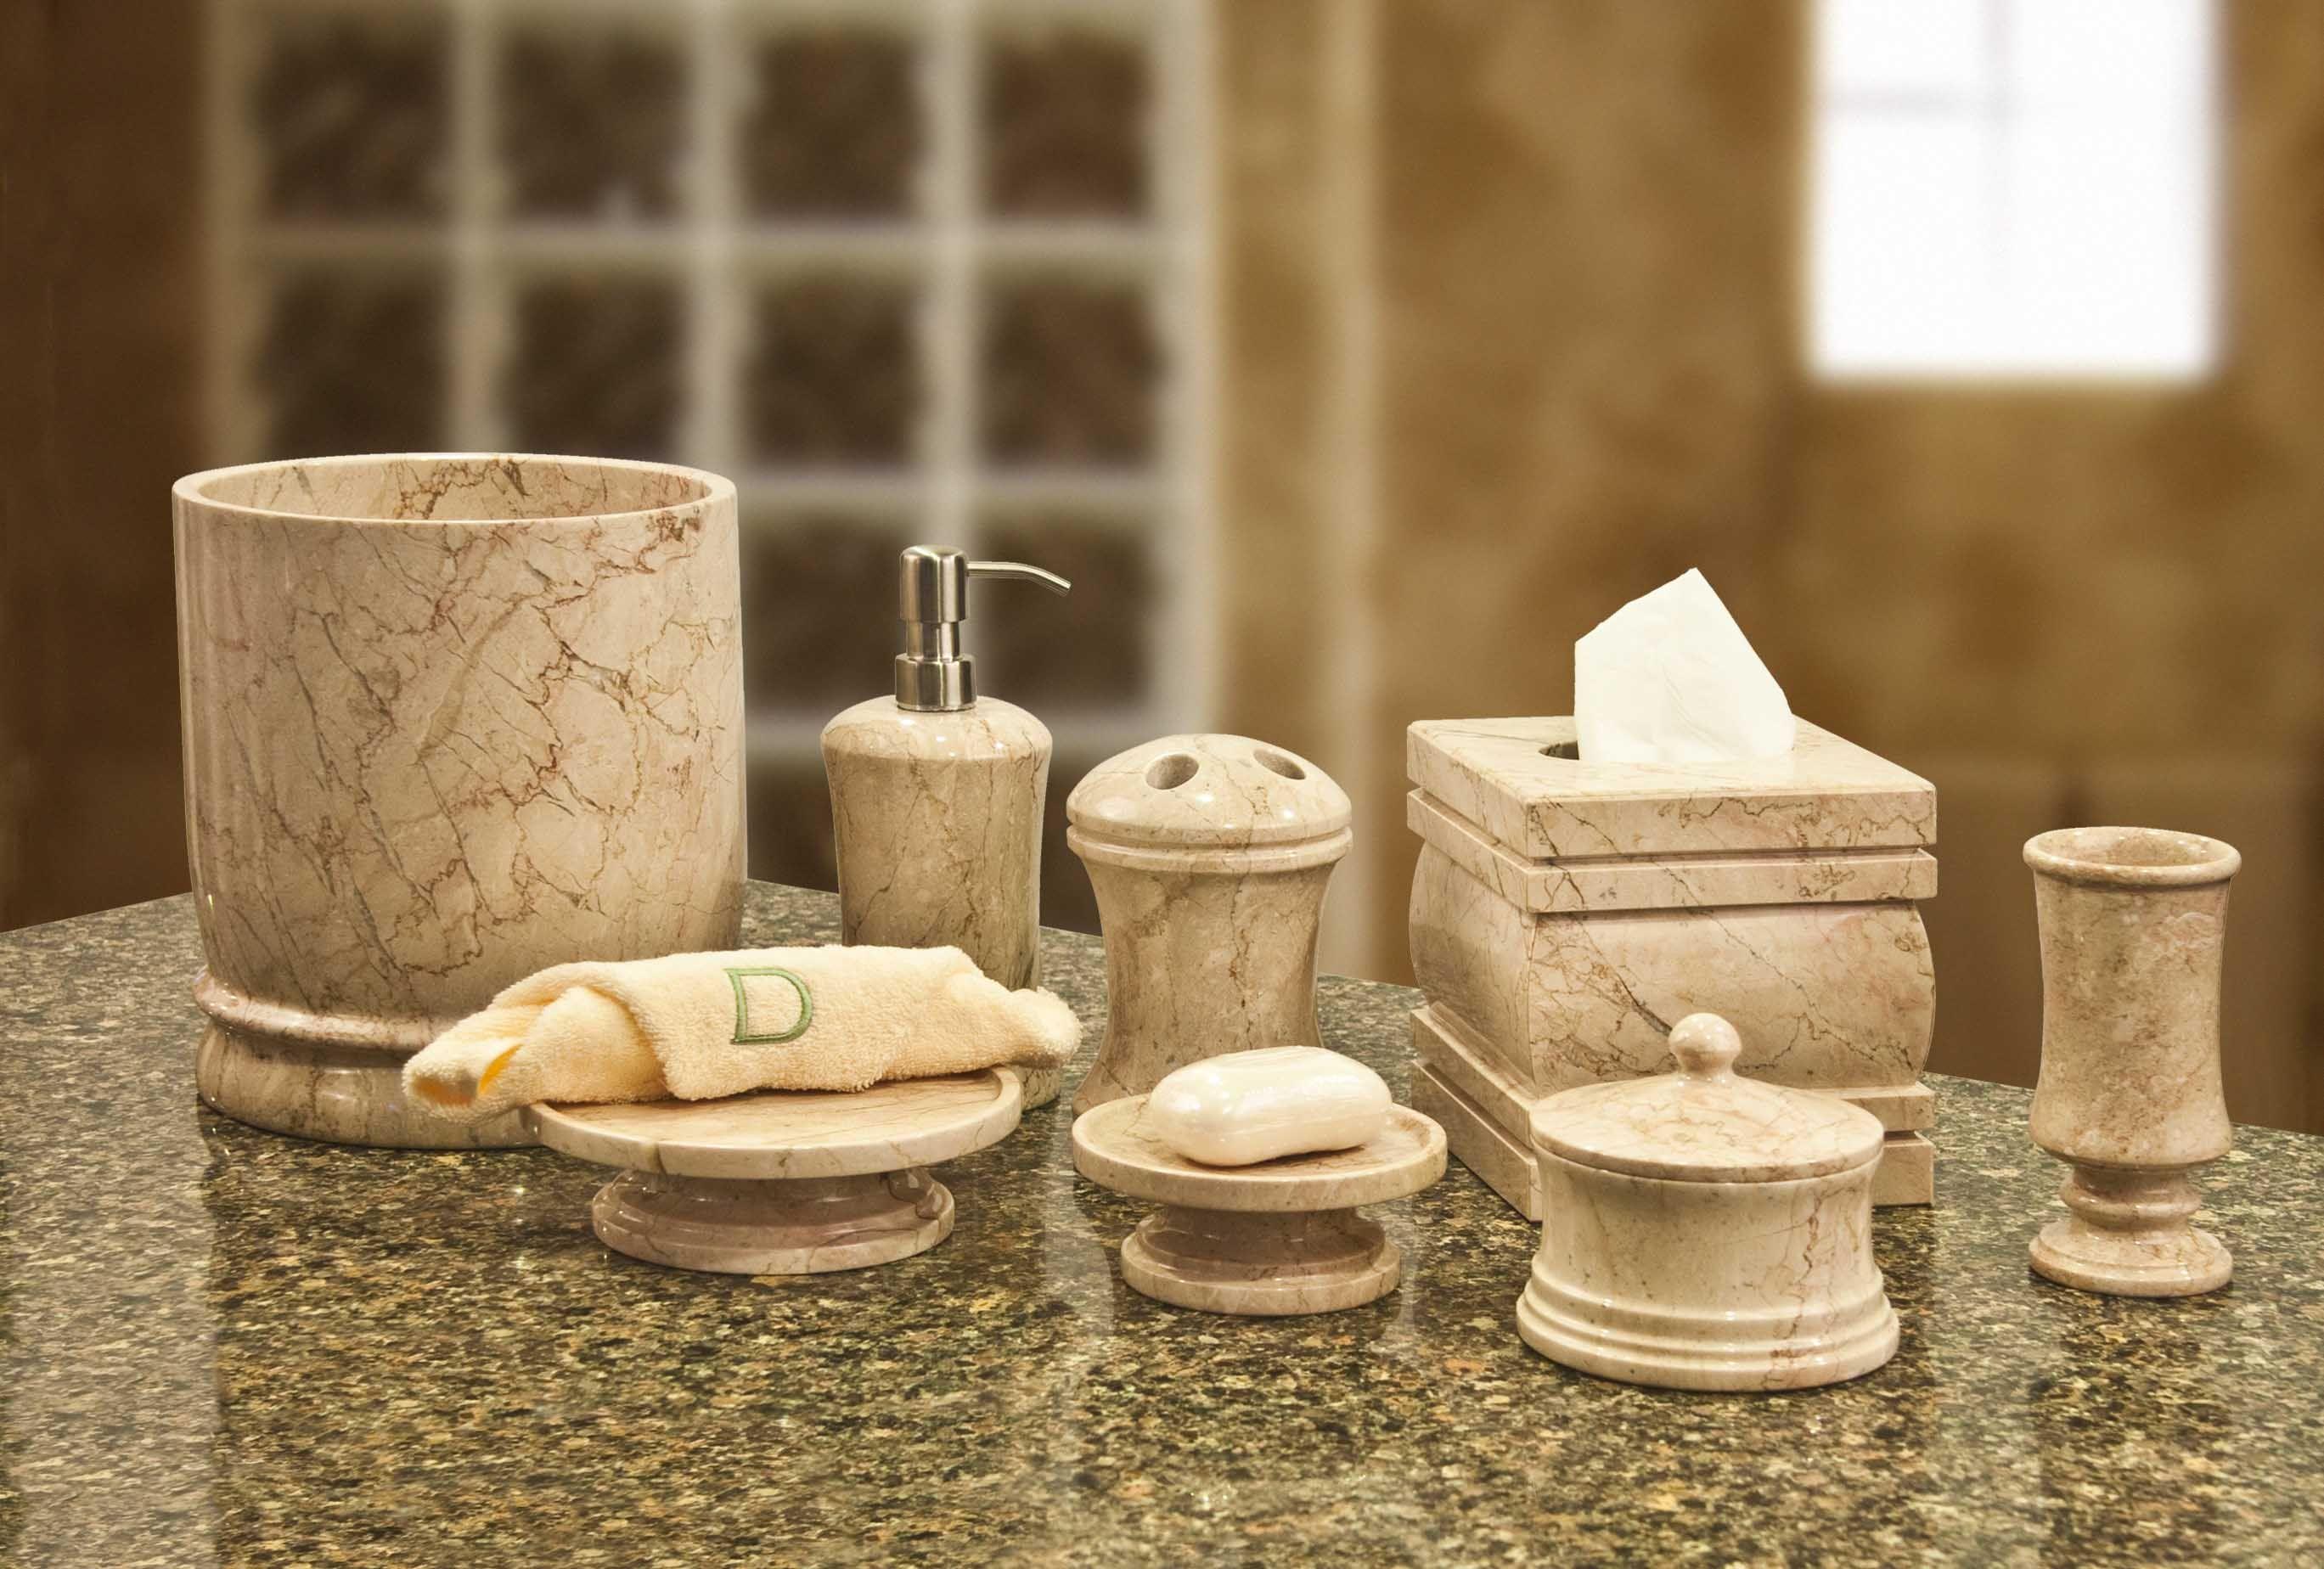 Pin On Training4green Com Interior Home Home decor bathroom accessory